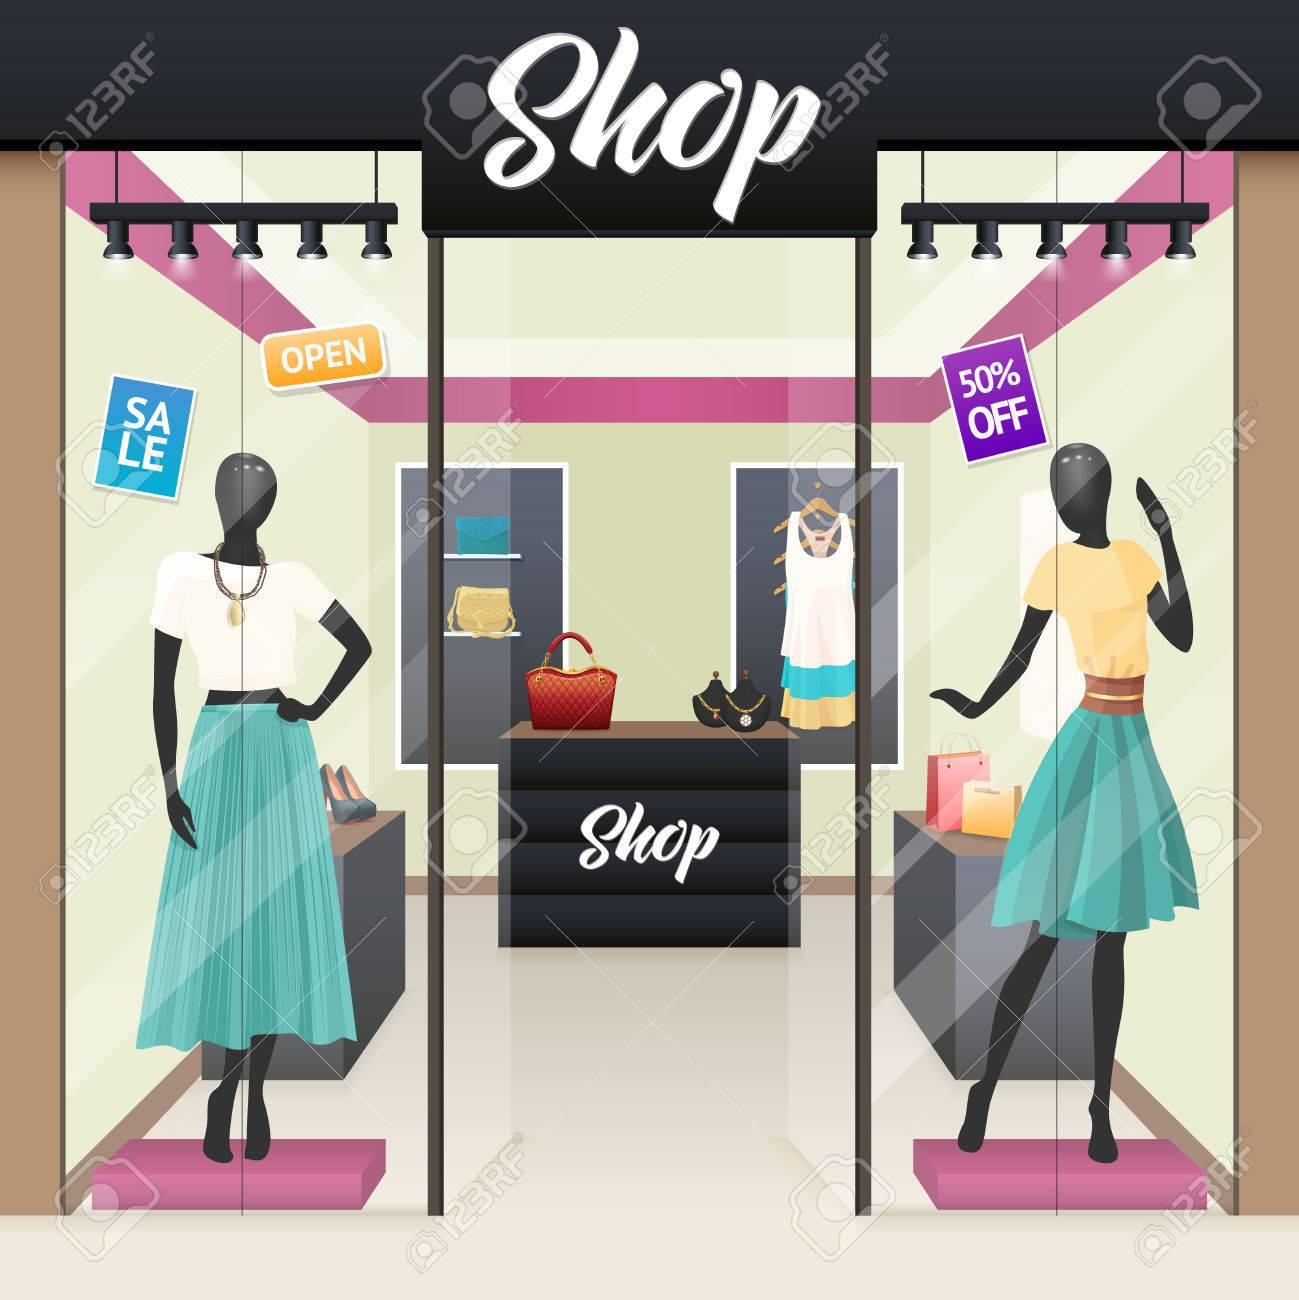 offre handicaps structurels procédés de teinture minutieux Vêtements de mode femme et accessoires de beauté boutique vente affichage  windows street view image vectorielle image réaliste